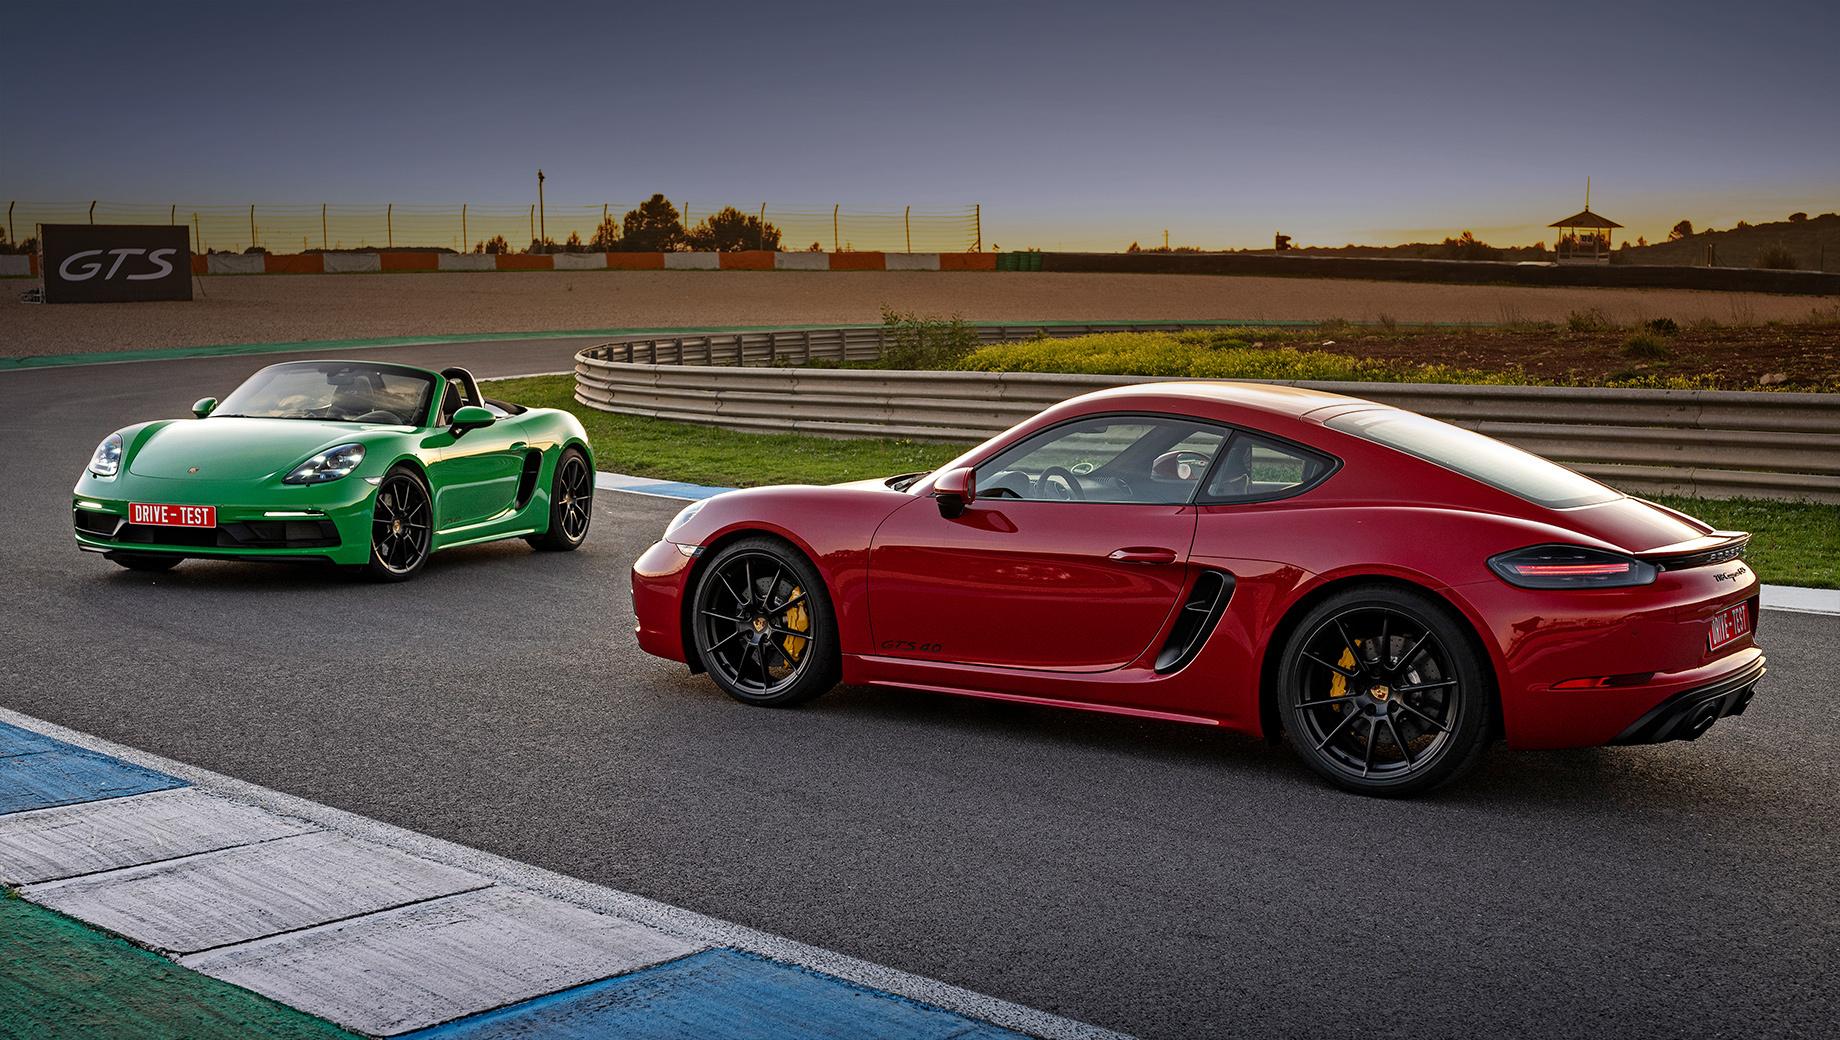 Porsche 718,Porsche boxster,Porsche 718 boxster,Porsche cayman,Porsche 718 cayman. По традиции в этой парочке дешевле Cayman — от 5 867 000 рублей. Boxster стоит на 70 тысяч больше. Они почти на миллион рублей дороже 350-сильных «эсок» с четырёхцилиндровыми моторами и прибавили 300 тысяч относительно модификаций GTS 2.5, отправленных на покой.